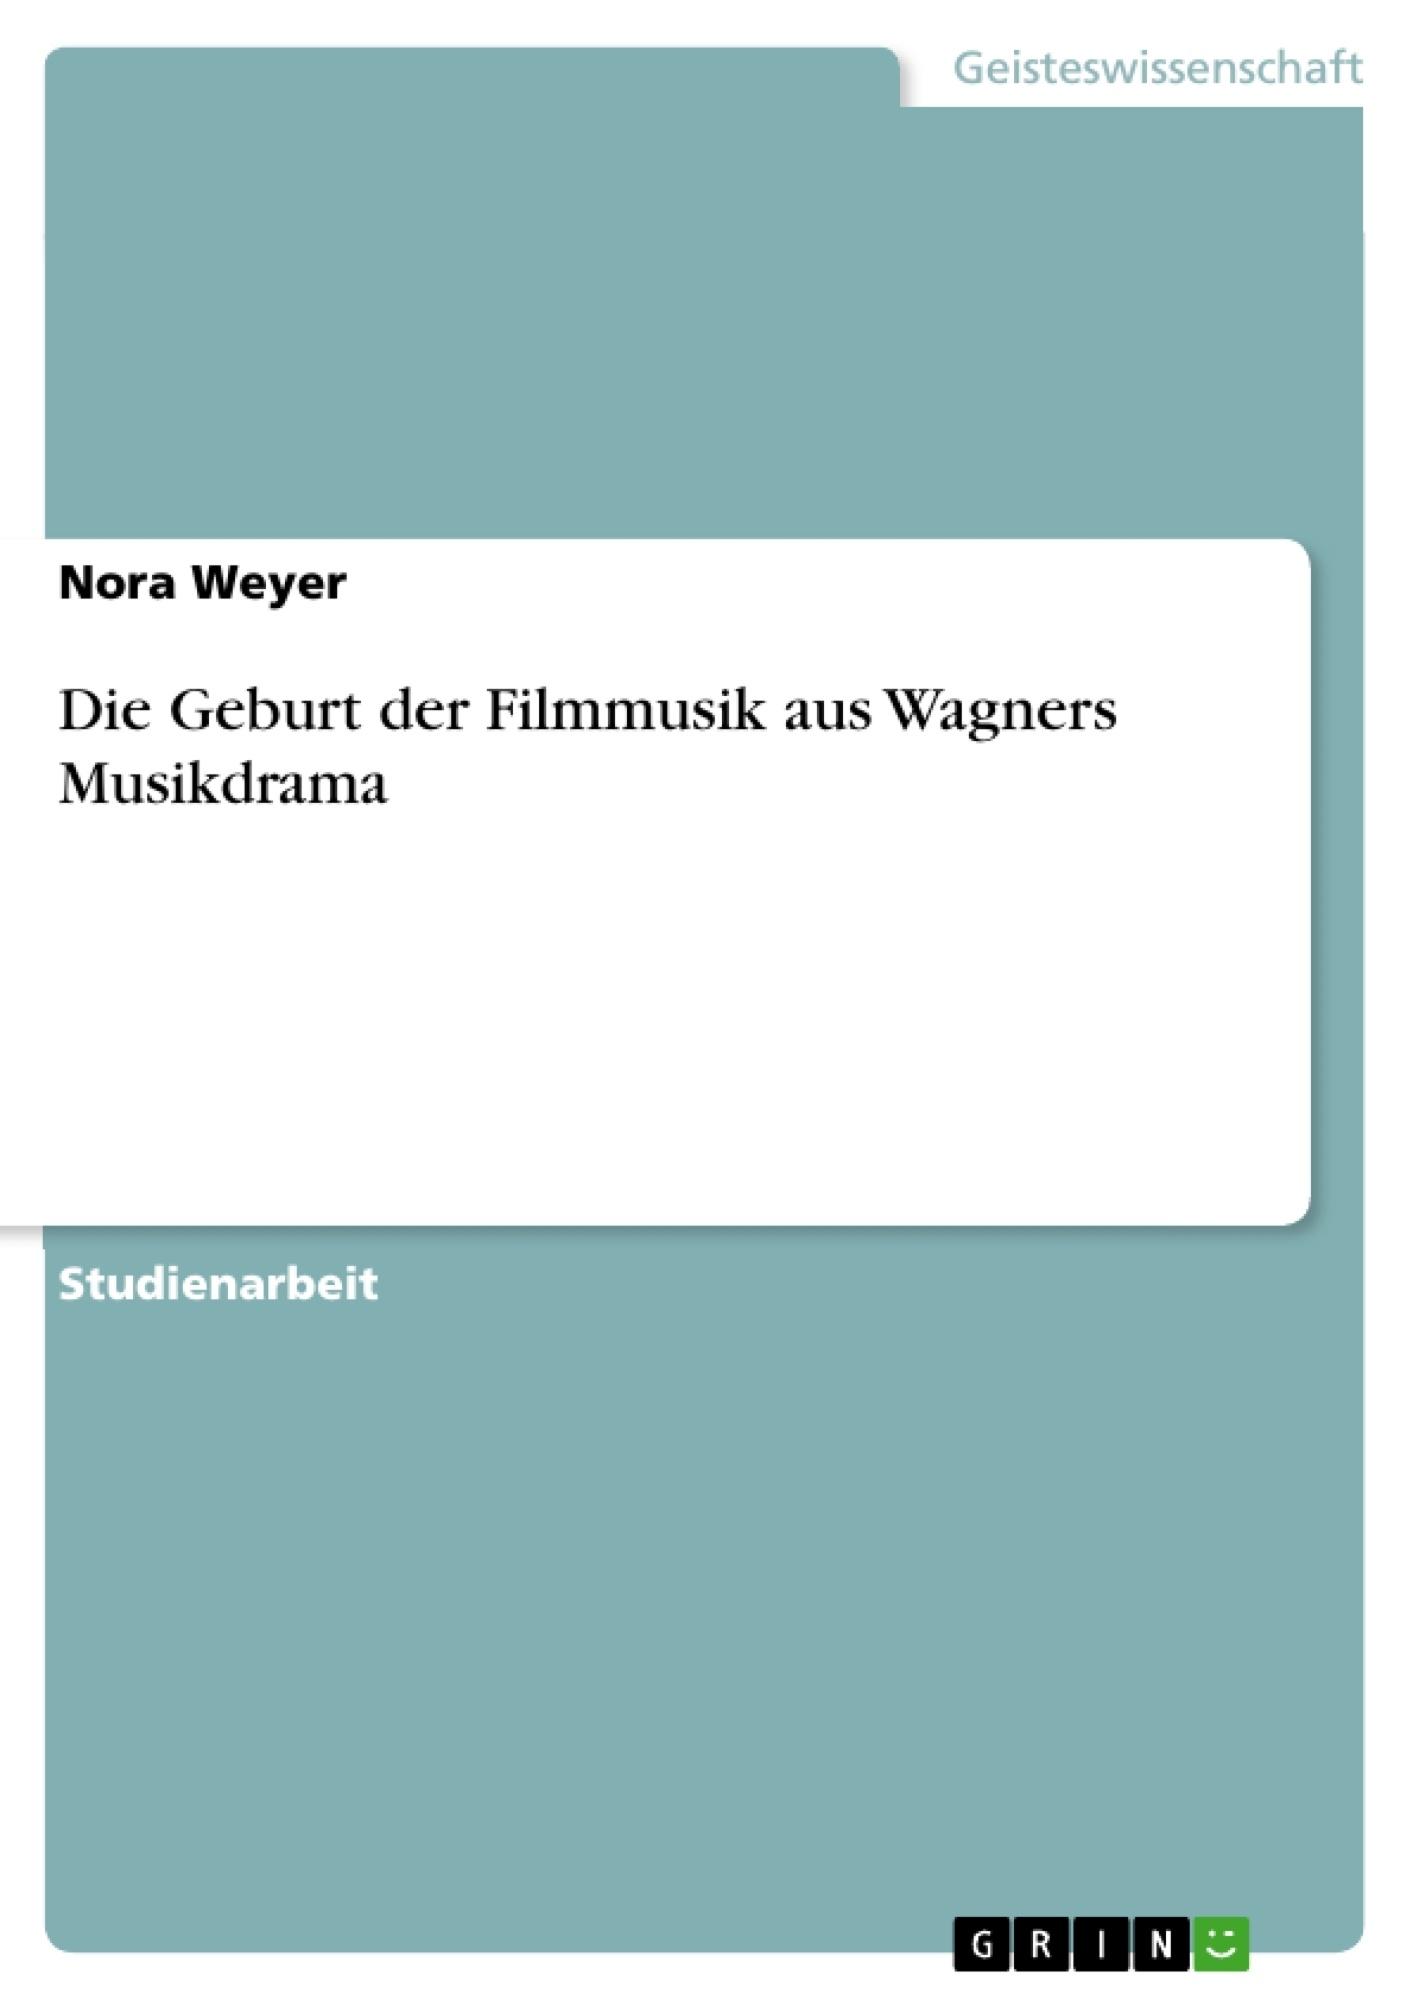 Titel: Die Geburt der Filmmusik aus Wagners Musikdrama